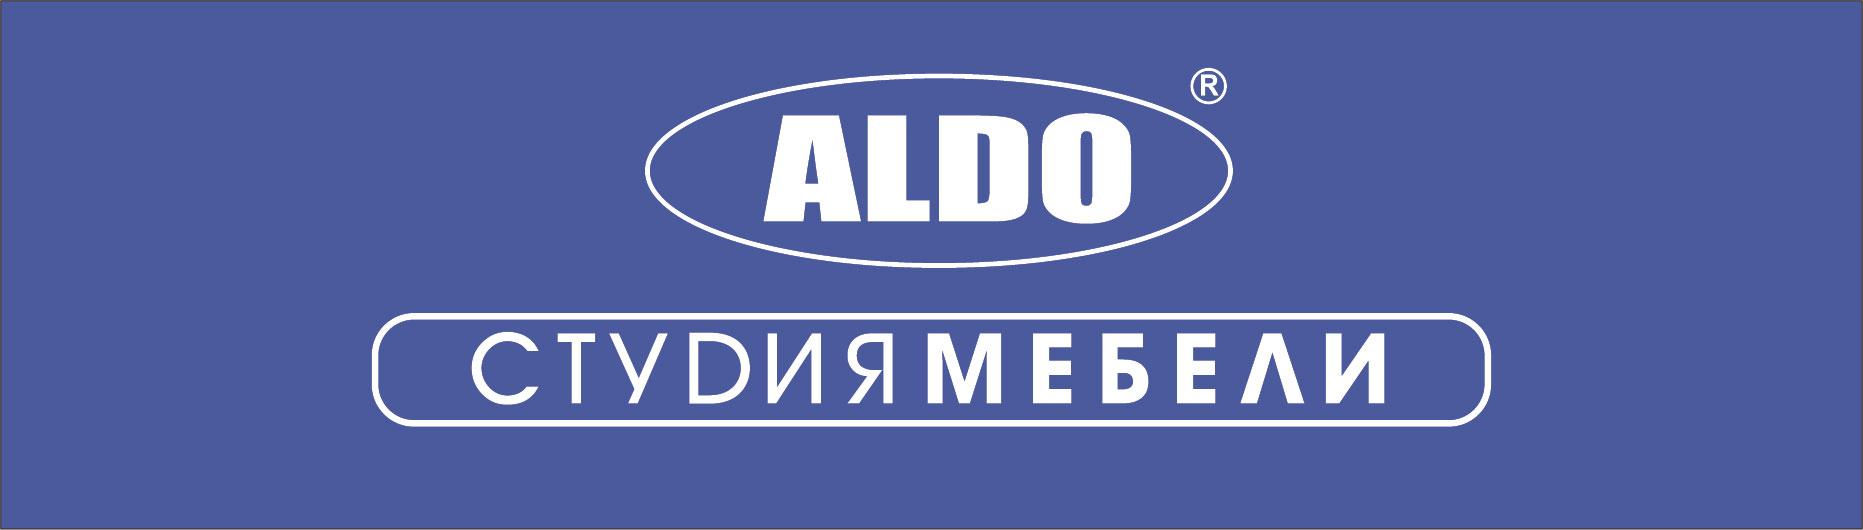 Фабрика мебели ALDO